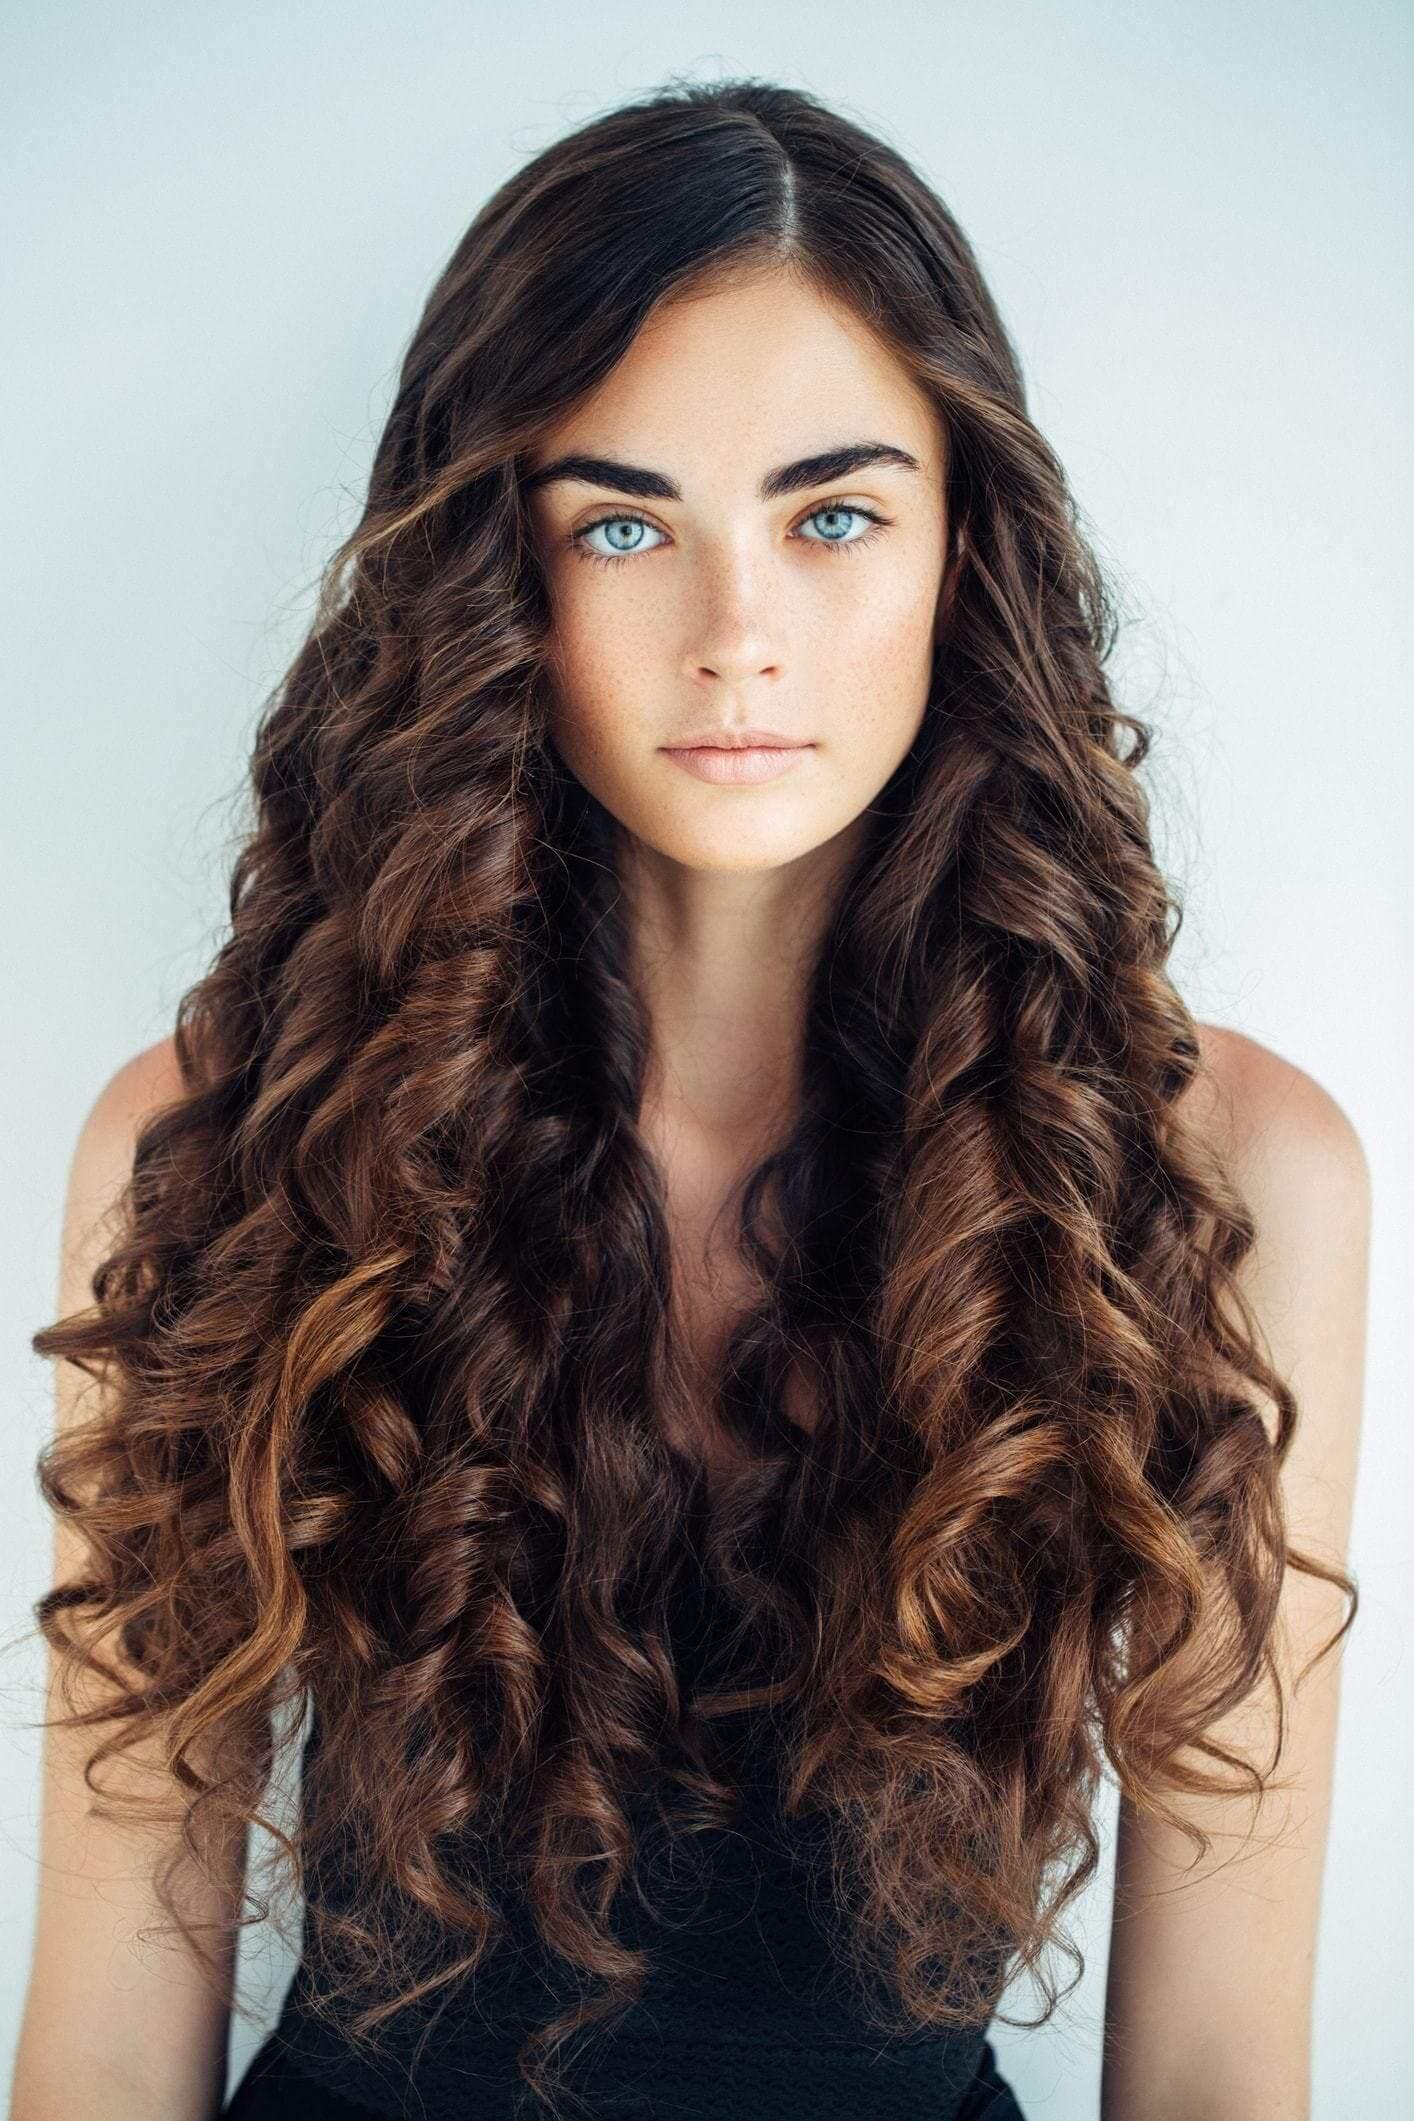 тот другой накрученные волосы длинные фото на всю длину приводит формированию